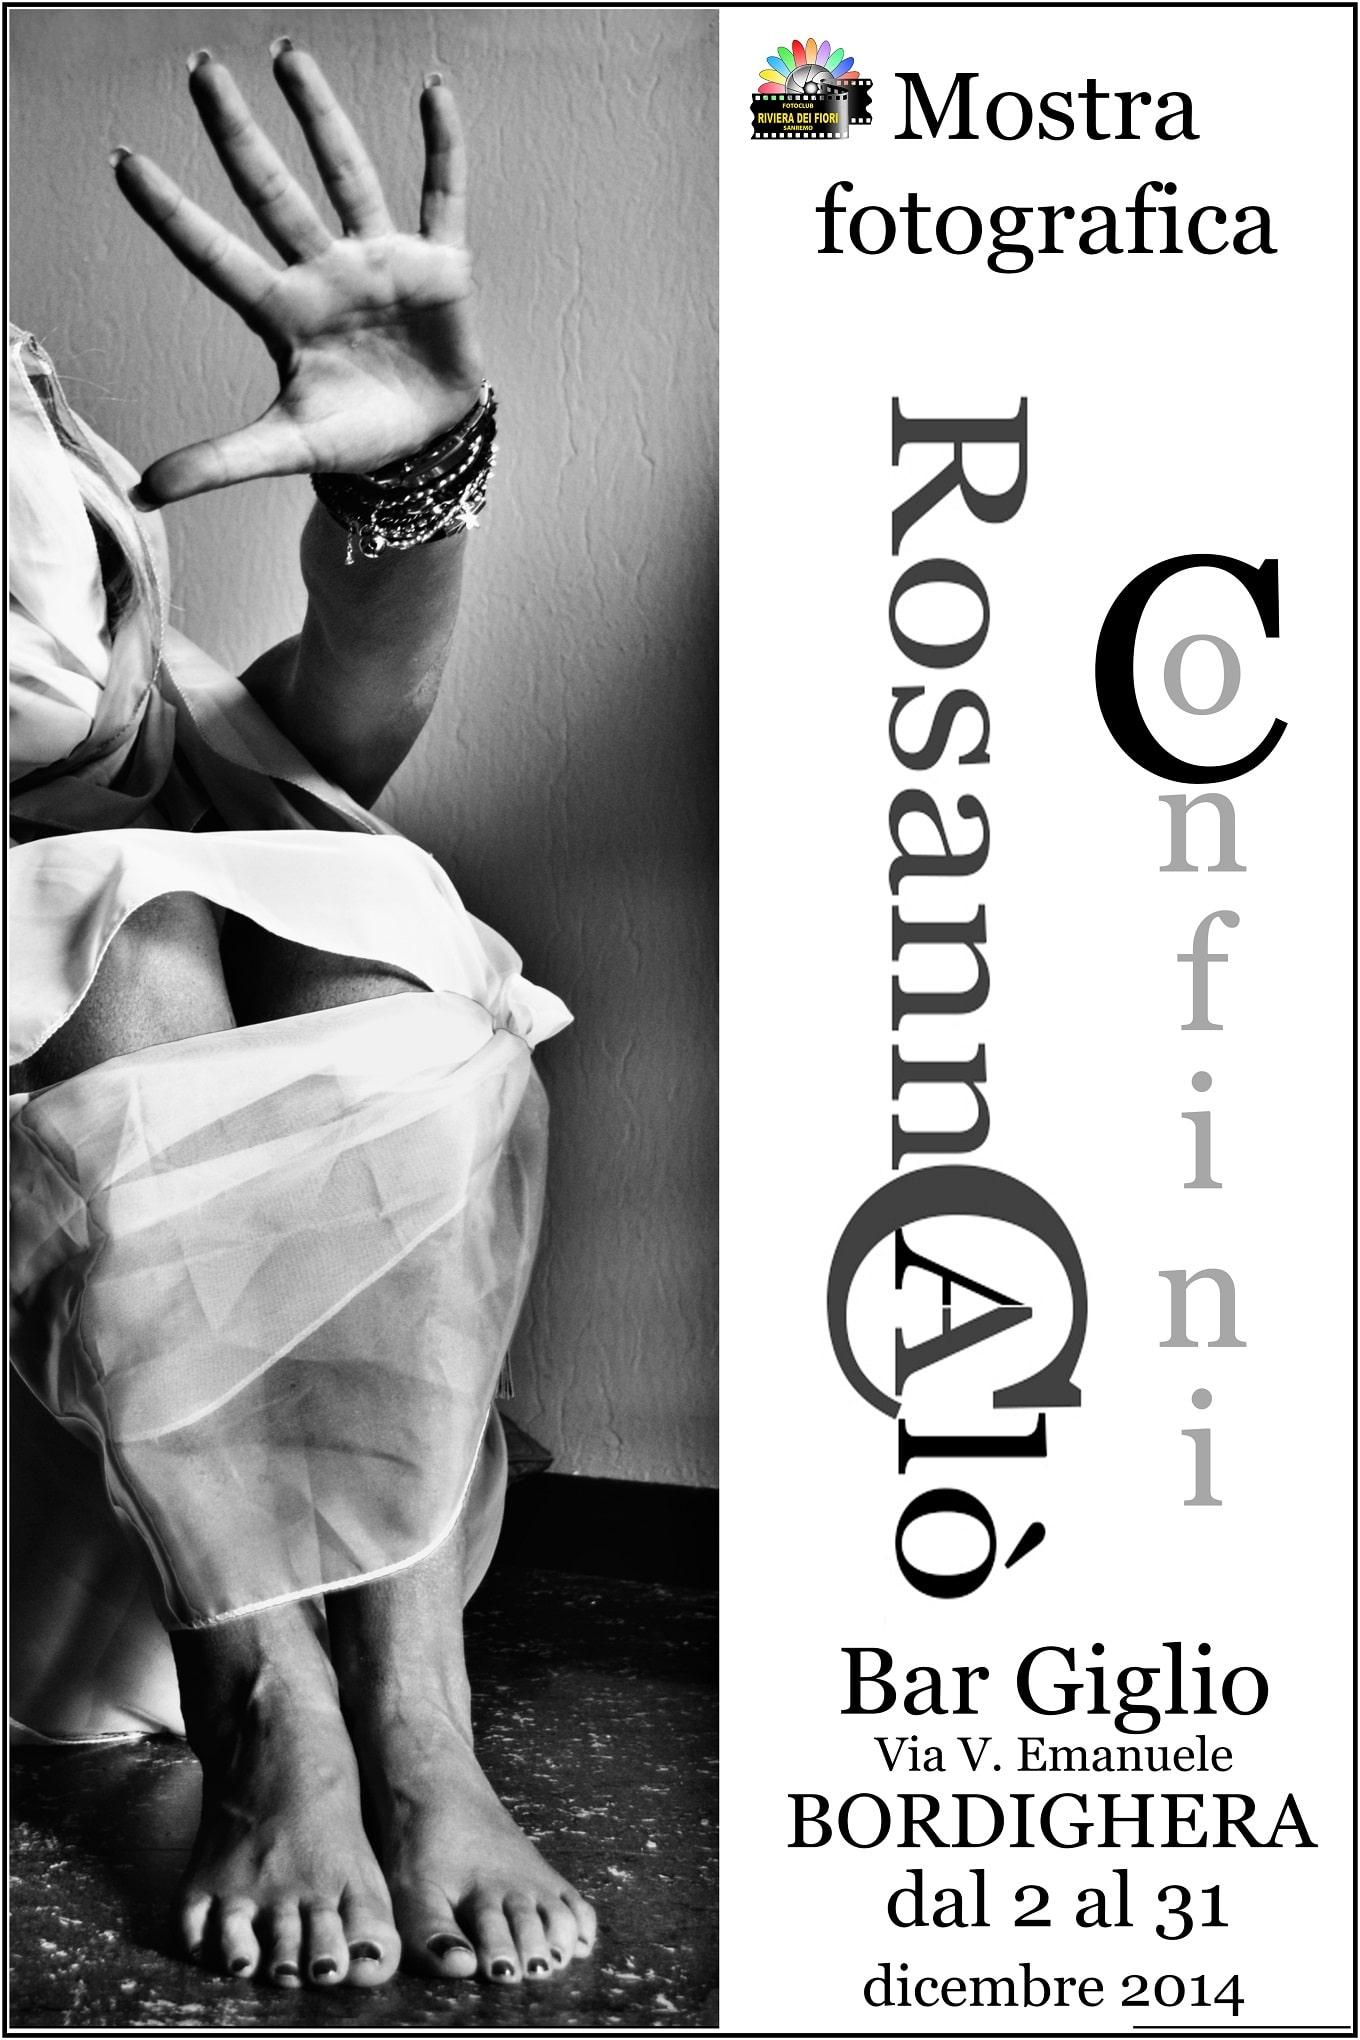 """Da 2 dicembre è visitabile a Bordighera presso il Bar Giglio la mostra fotografica dal titolo """"Confini"""" di Rosanna Calò. Calò inizia il suo percorso artistico con il Fotoclub Riviera…"""